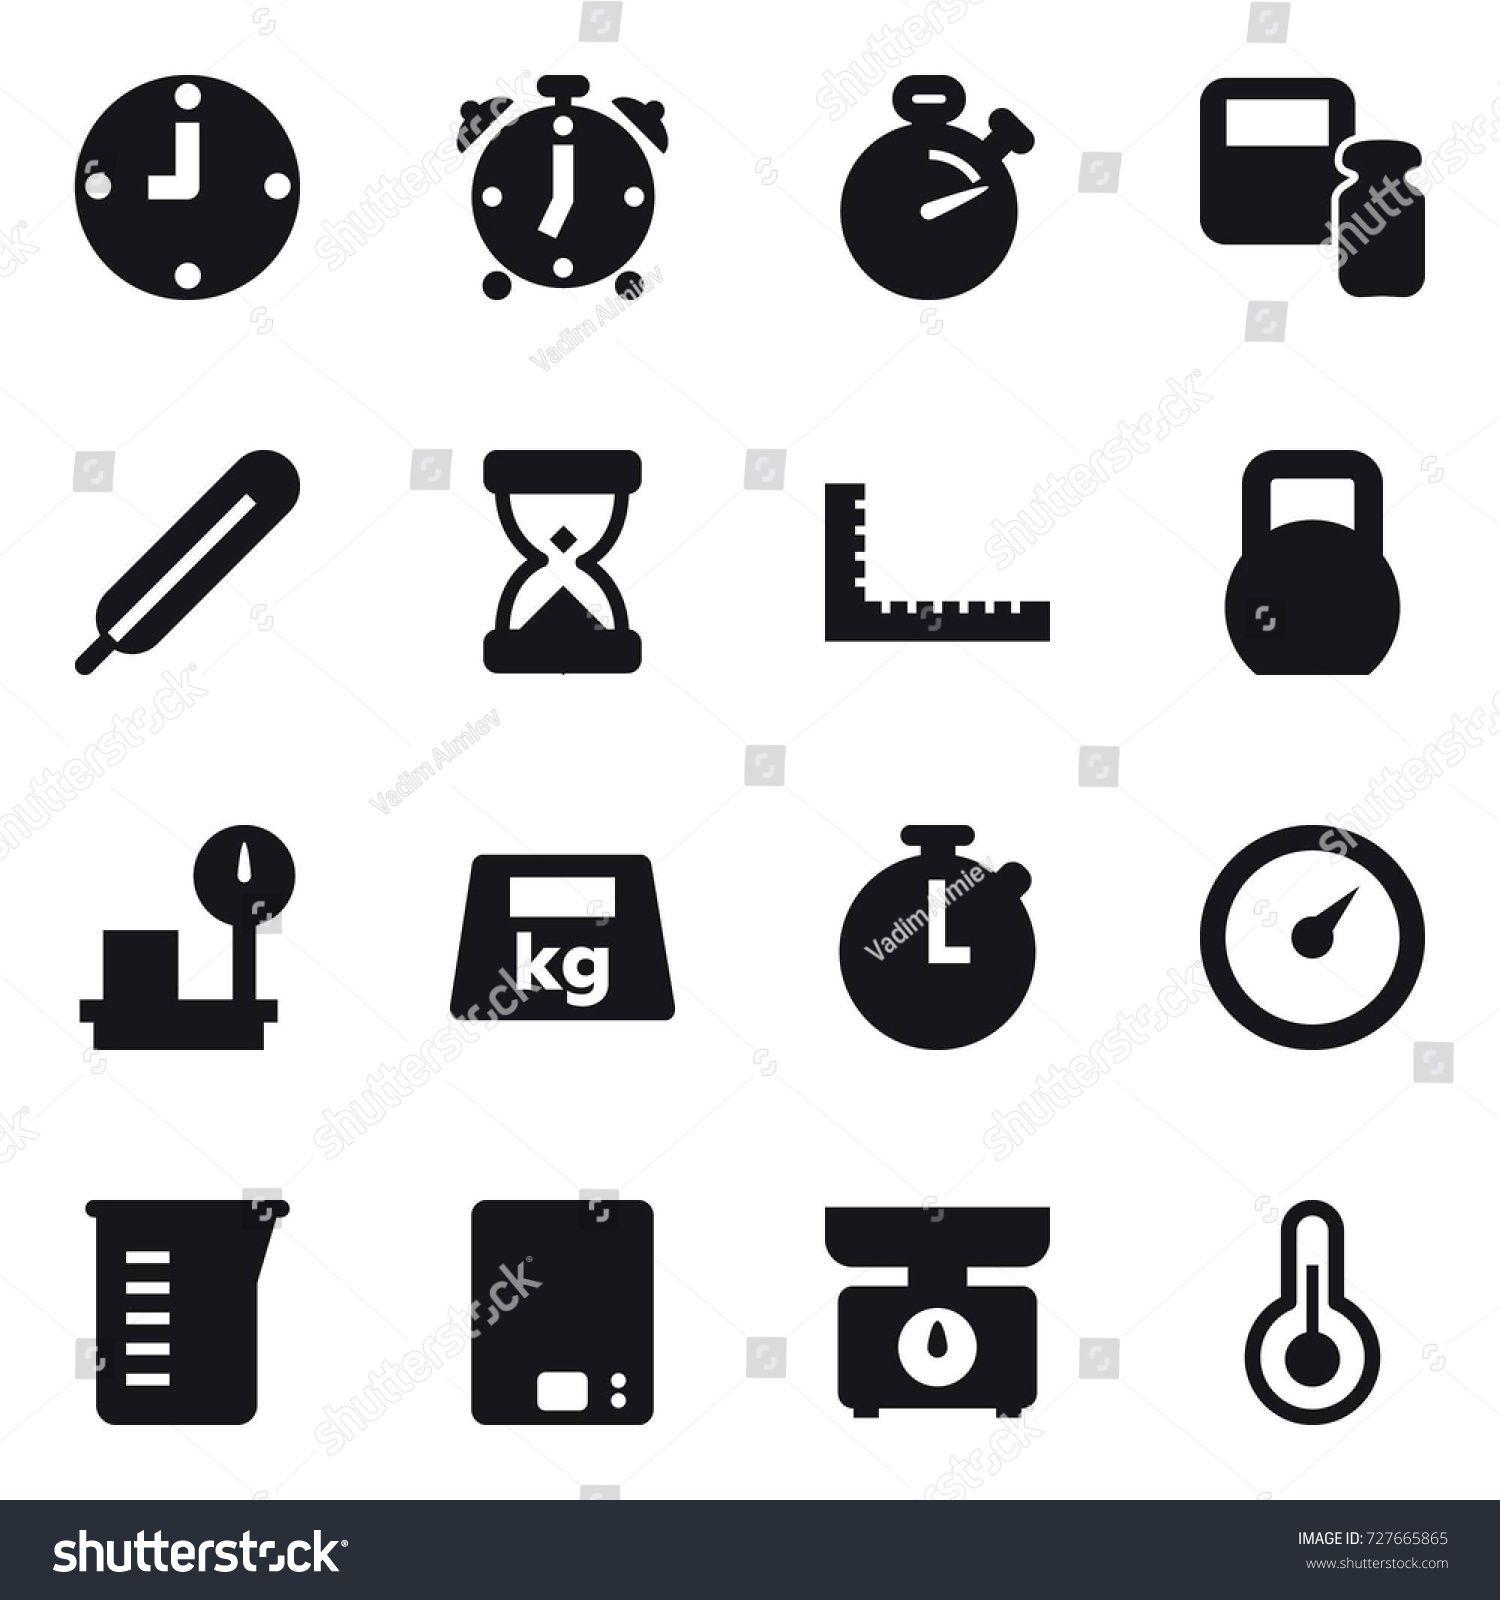 16 vector icon set clock, alarm clock, stopwatch, scales